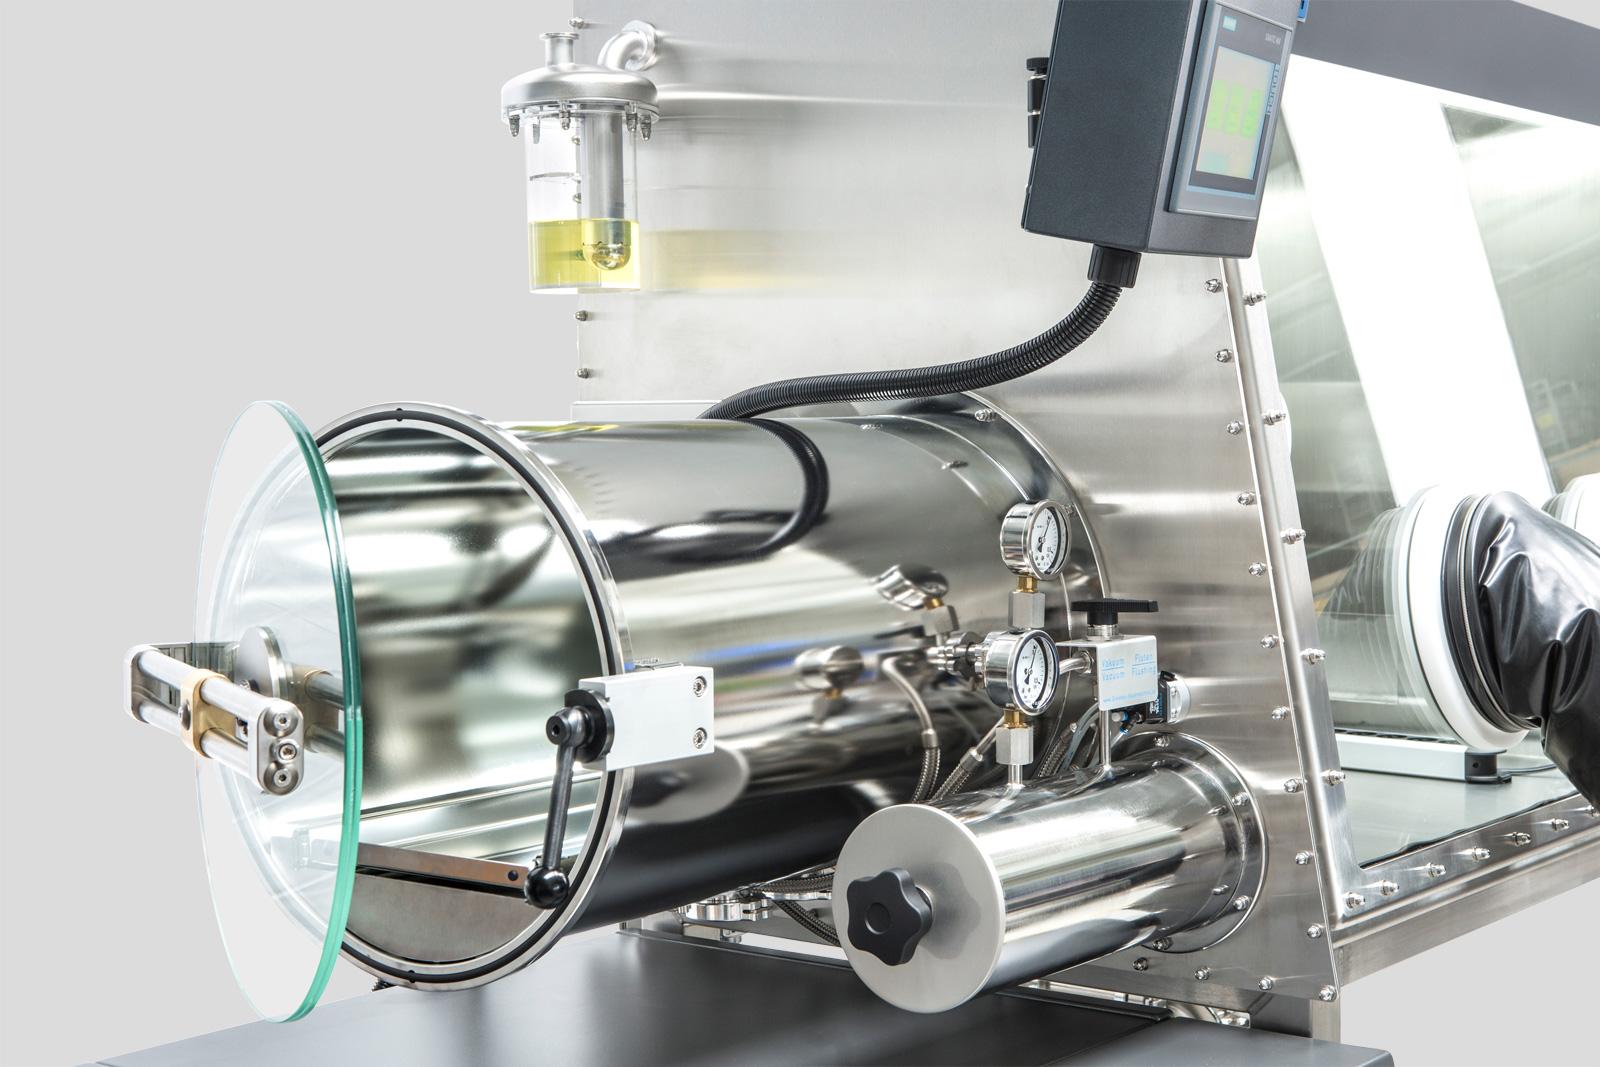 Siemens Kühlschrank Unterdruck : Gs inertgas glovebox für den produktschutz